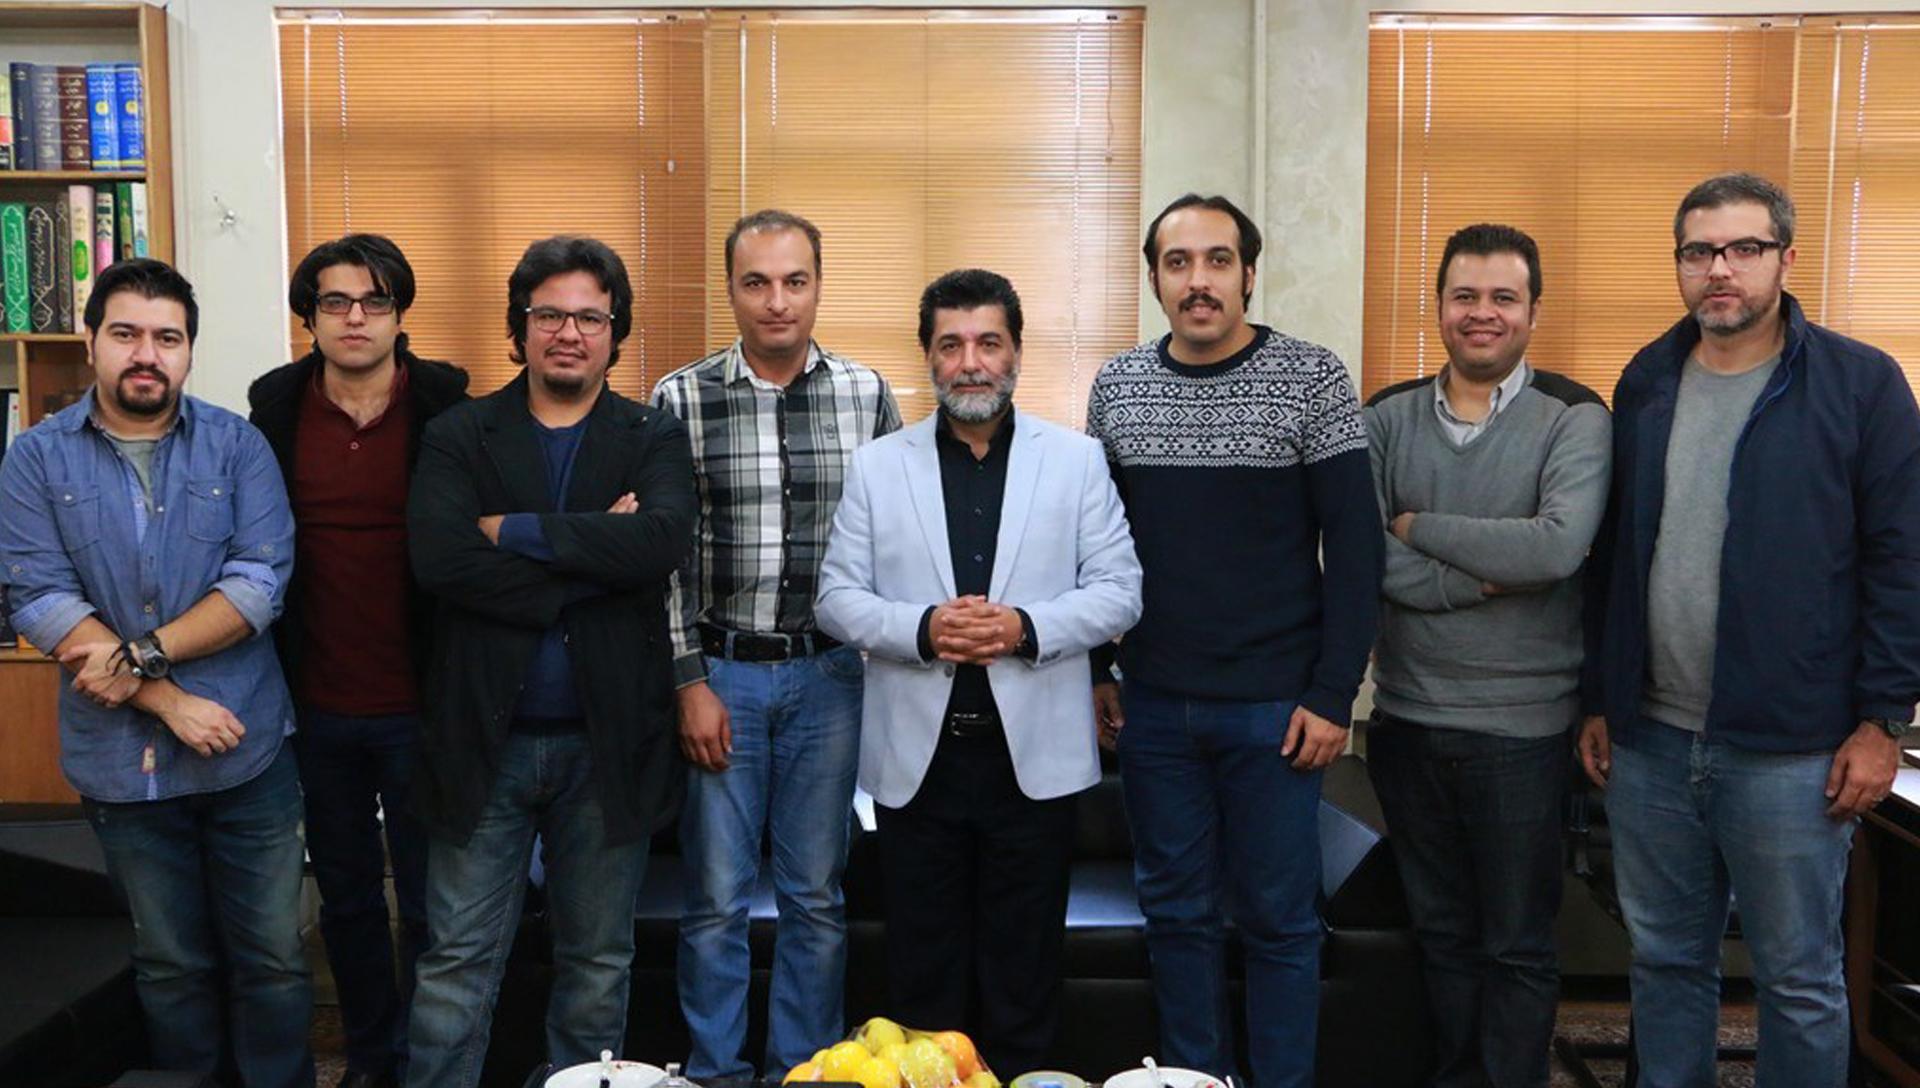 جلسه هیات مدیره انجمن فیلم کوتاه شیراز 01